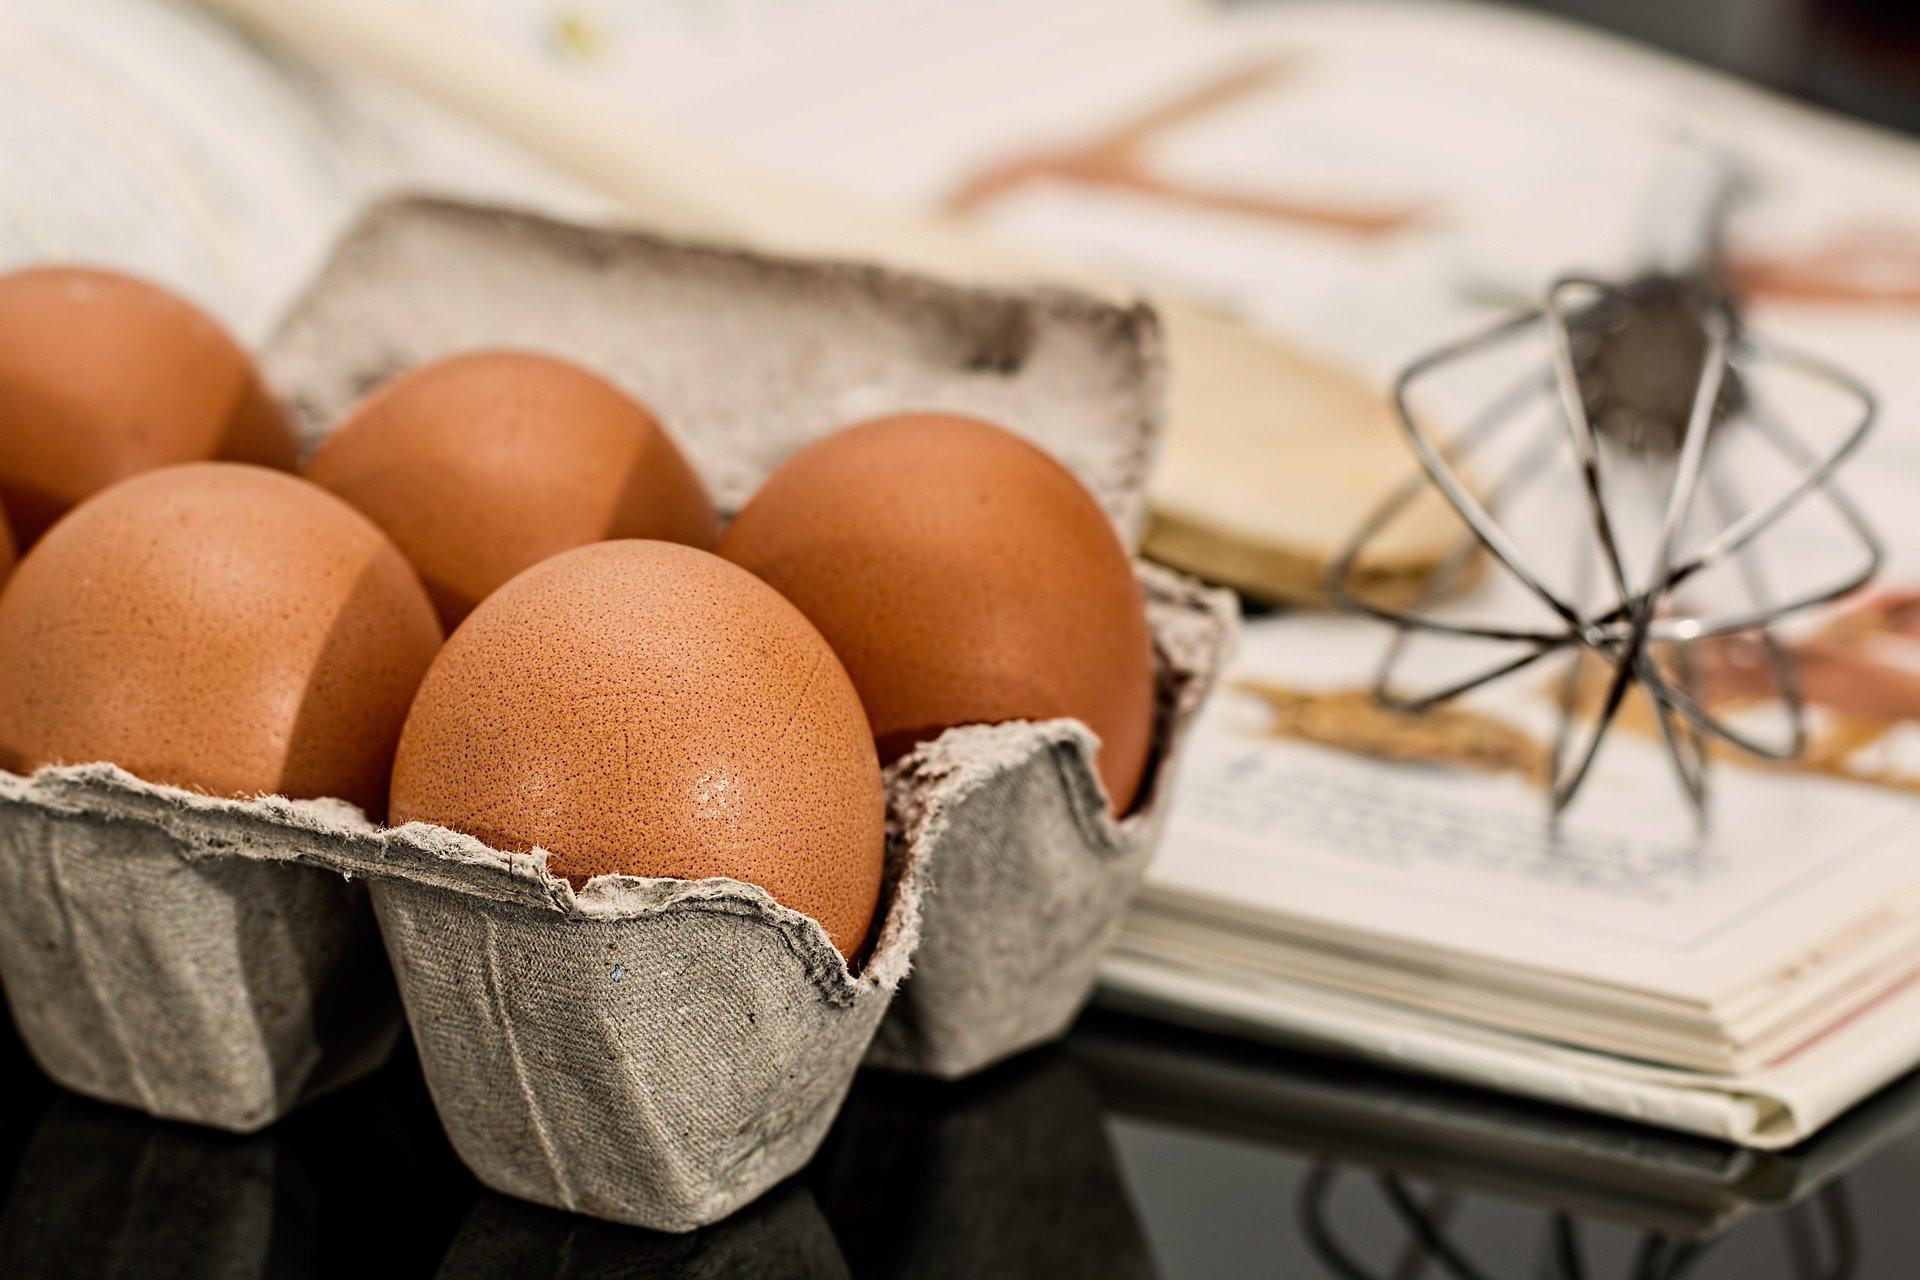 鶏卵生産大手のアキタフーズ、「きよらの卵」の違いとは?